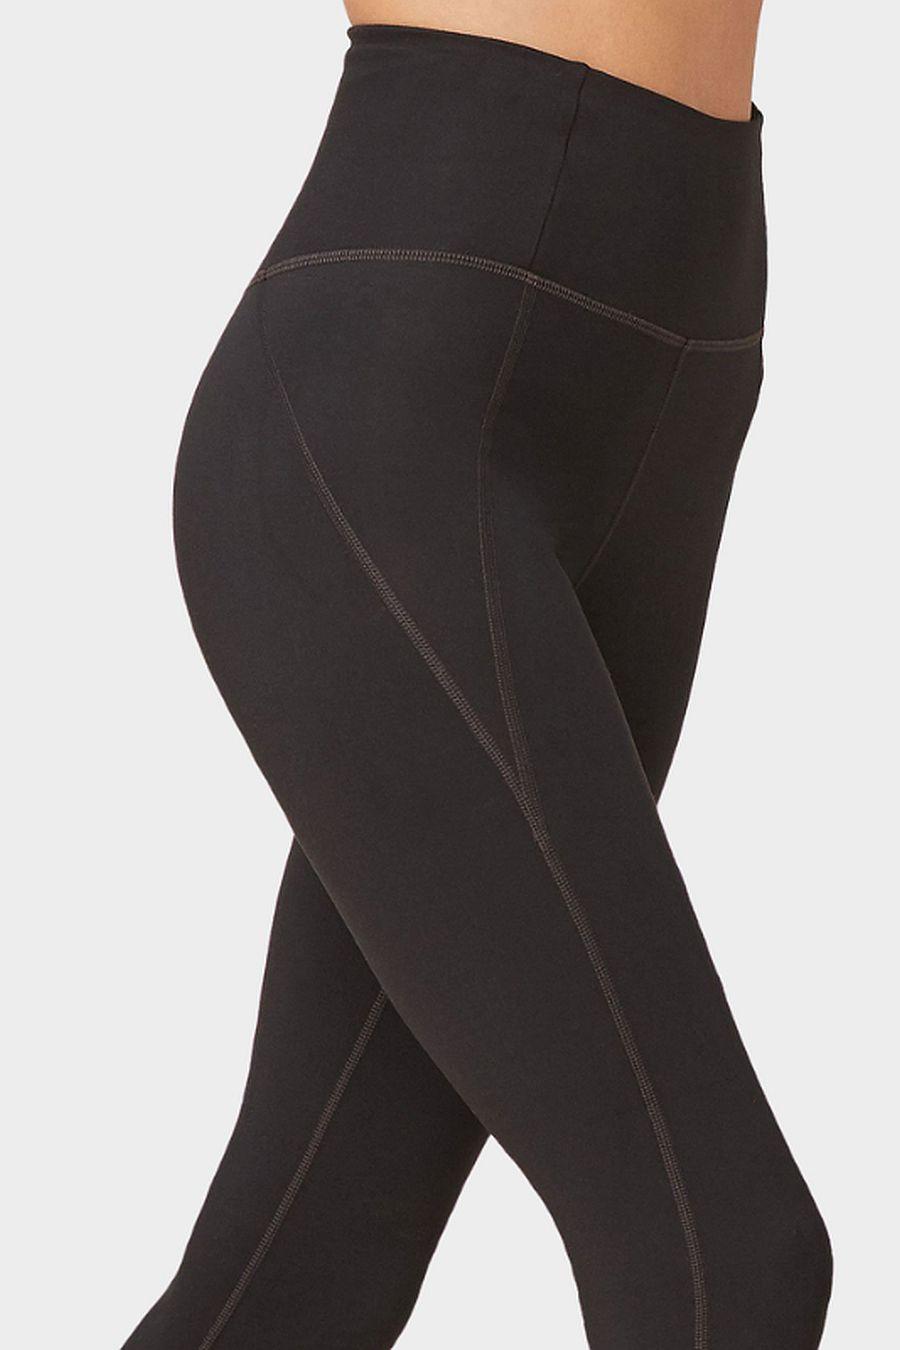 """Girlfriend Collective Black Compressive Legging (19.5"""")"""